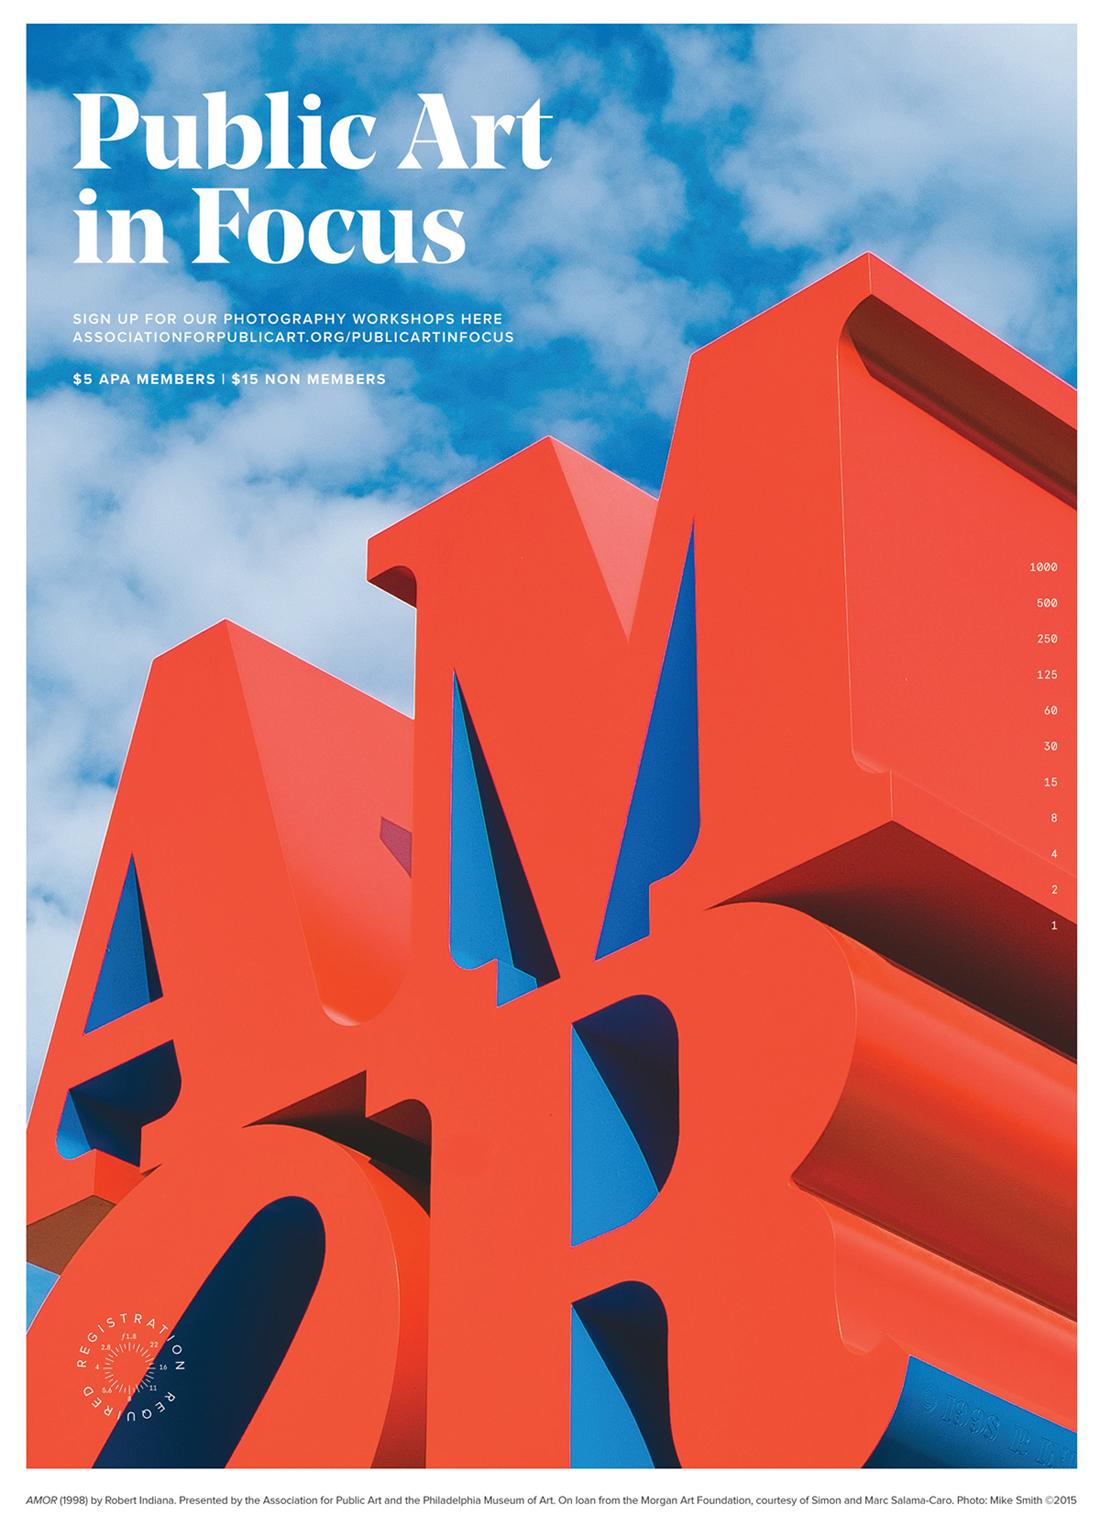 AMOR - Public Art in Focus